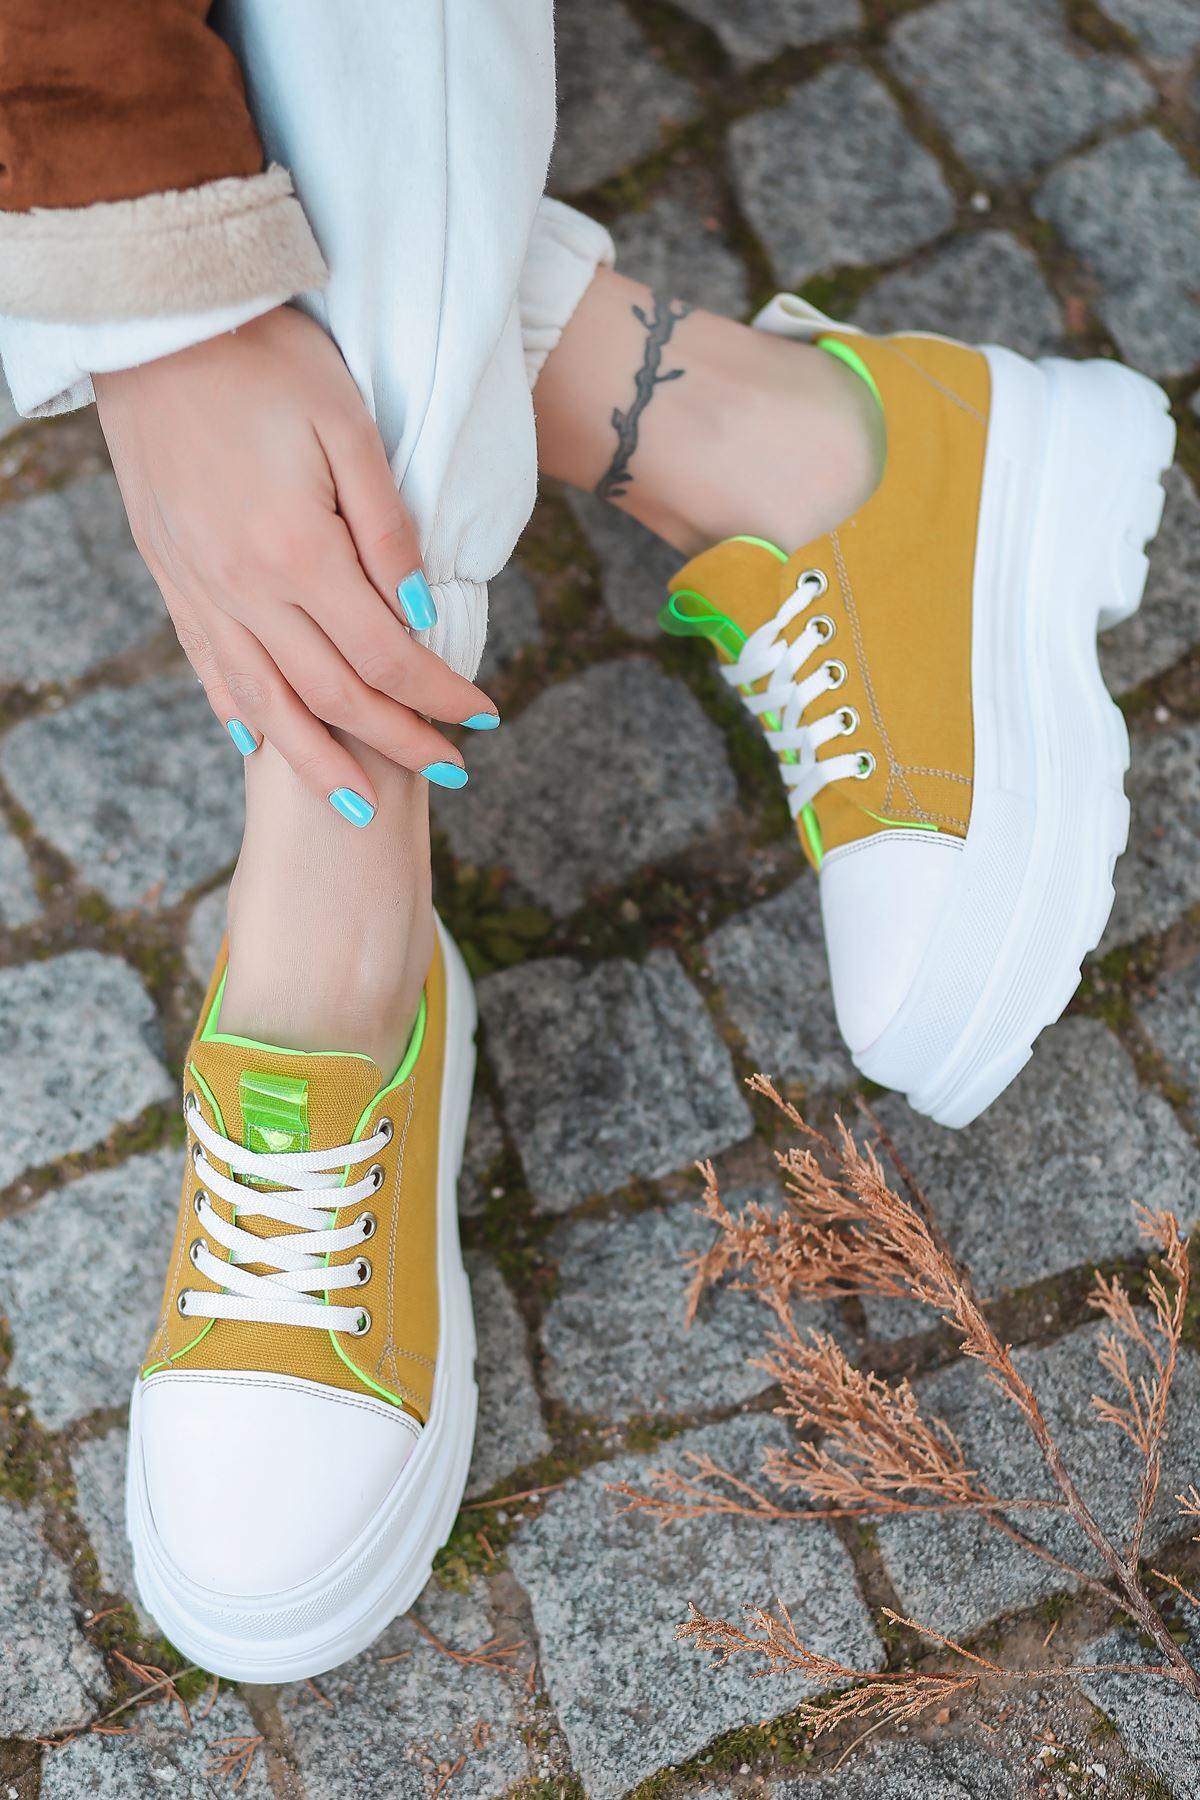 Combo Bağcık Detaylı Hardal Kumaş Kadın Spor Ayakkabı